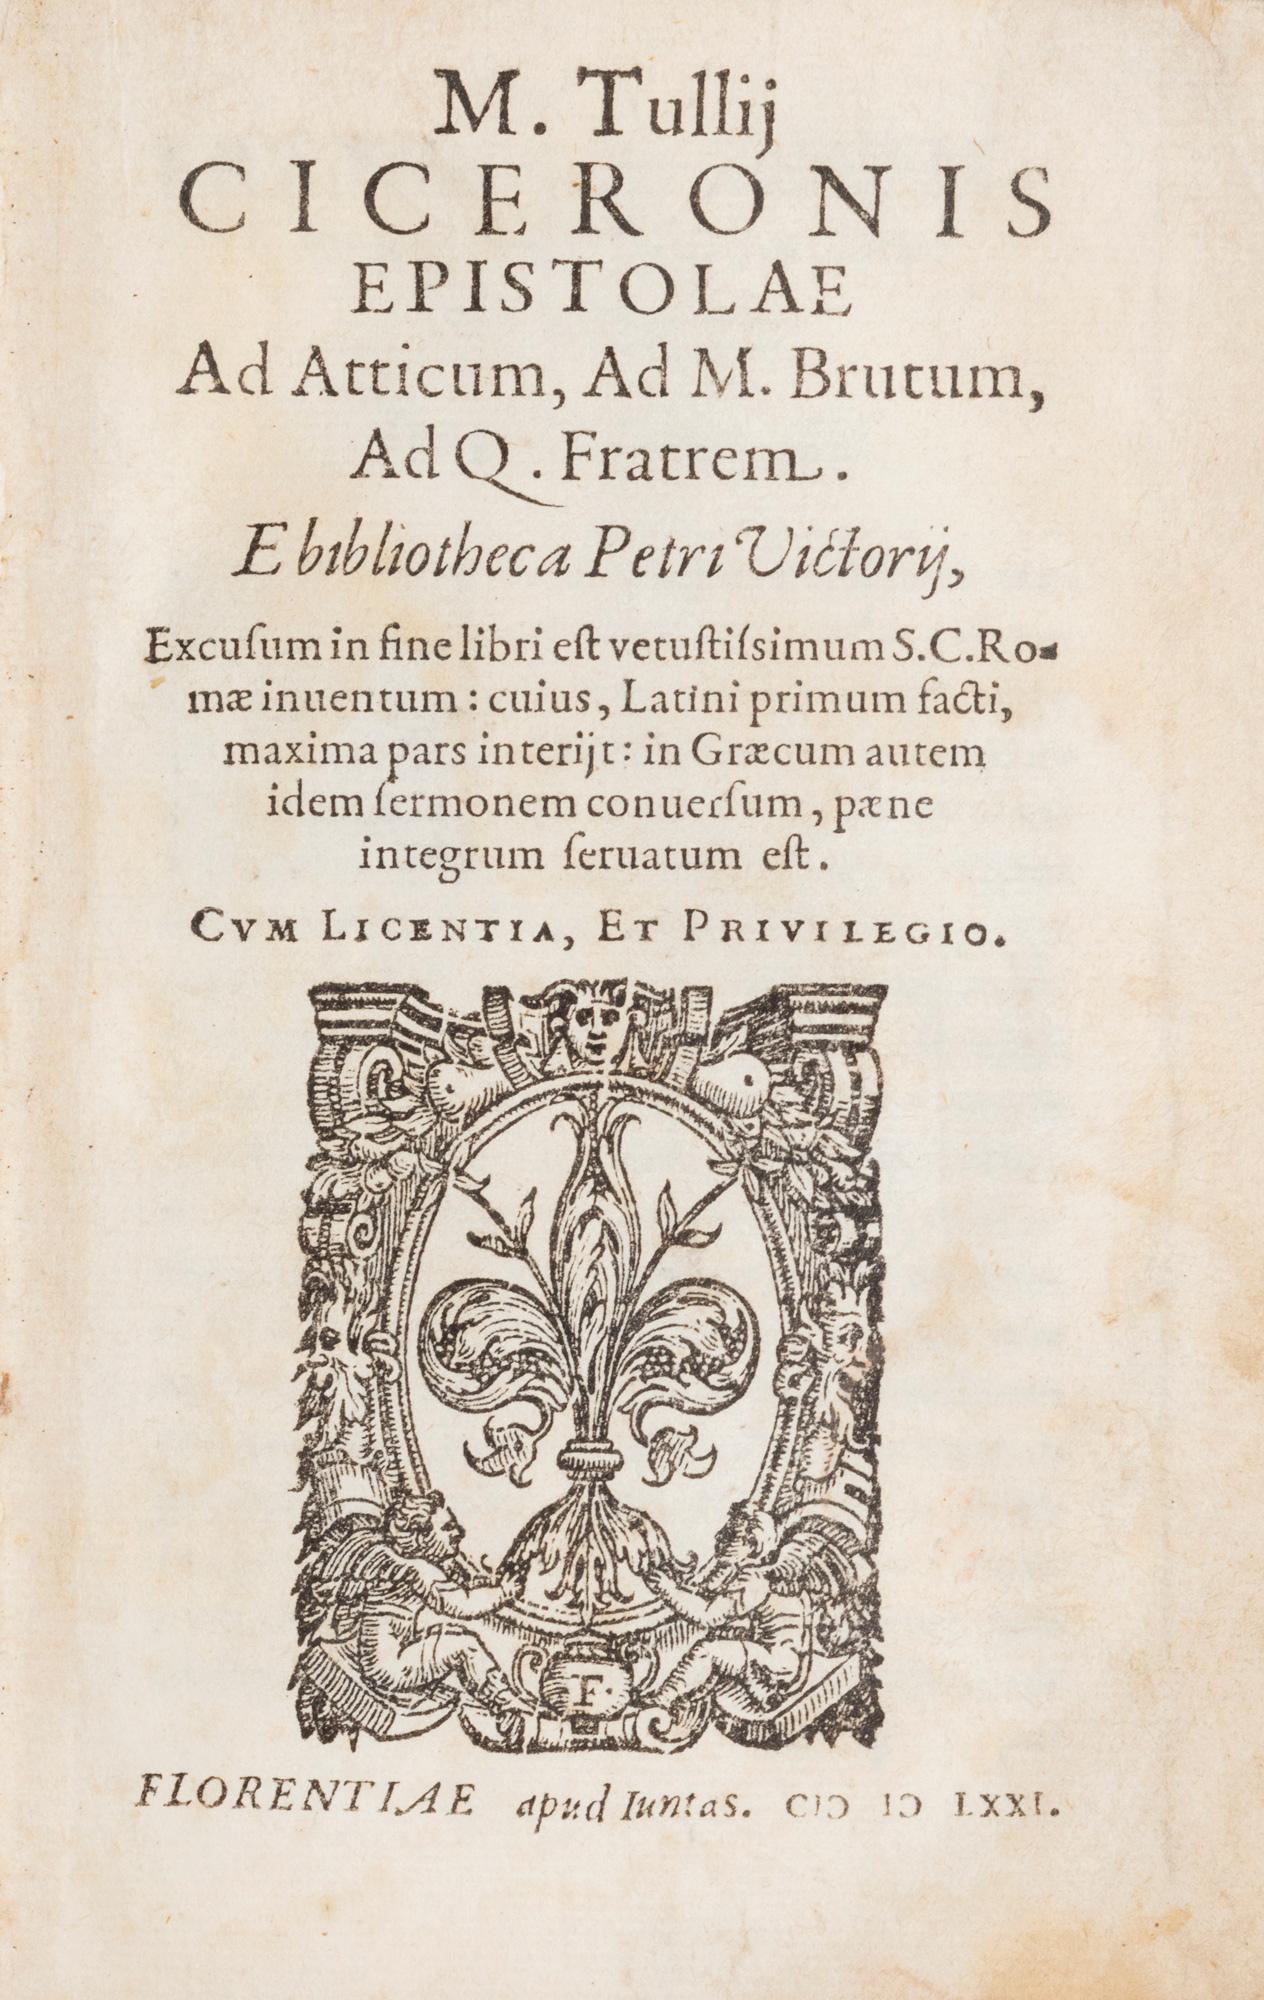 Epistolae ad Atticum, ad M. Brutum, ad Q. fratrem. E bibliotheca Petri Victorij